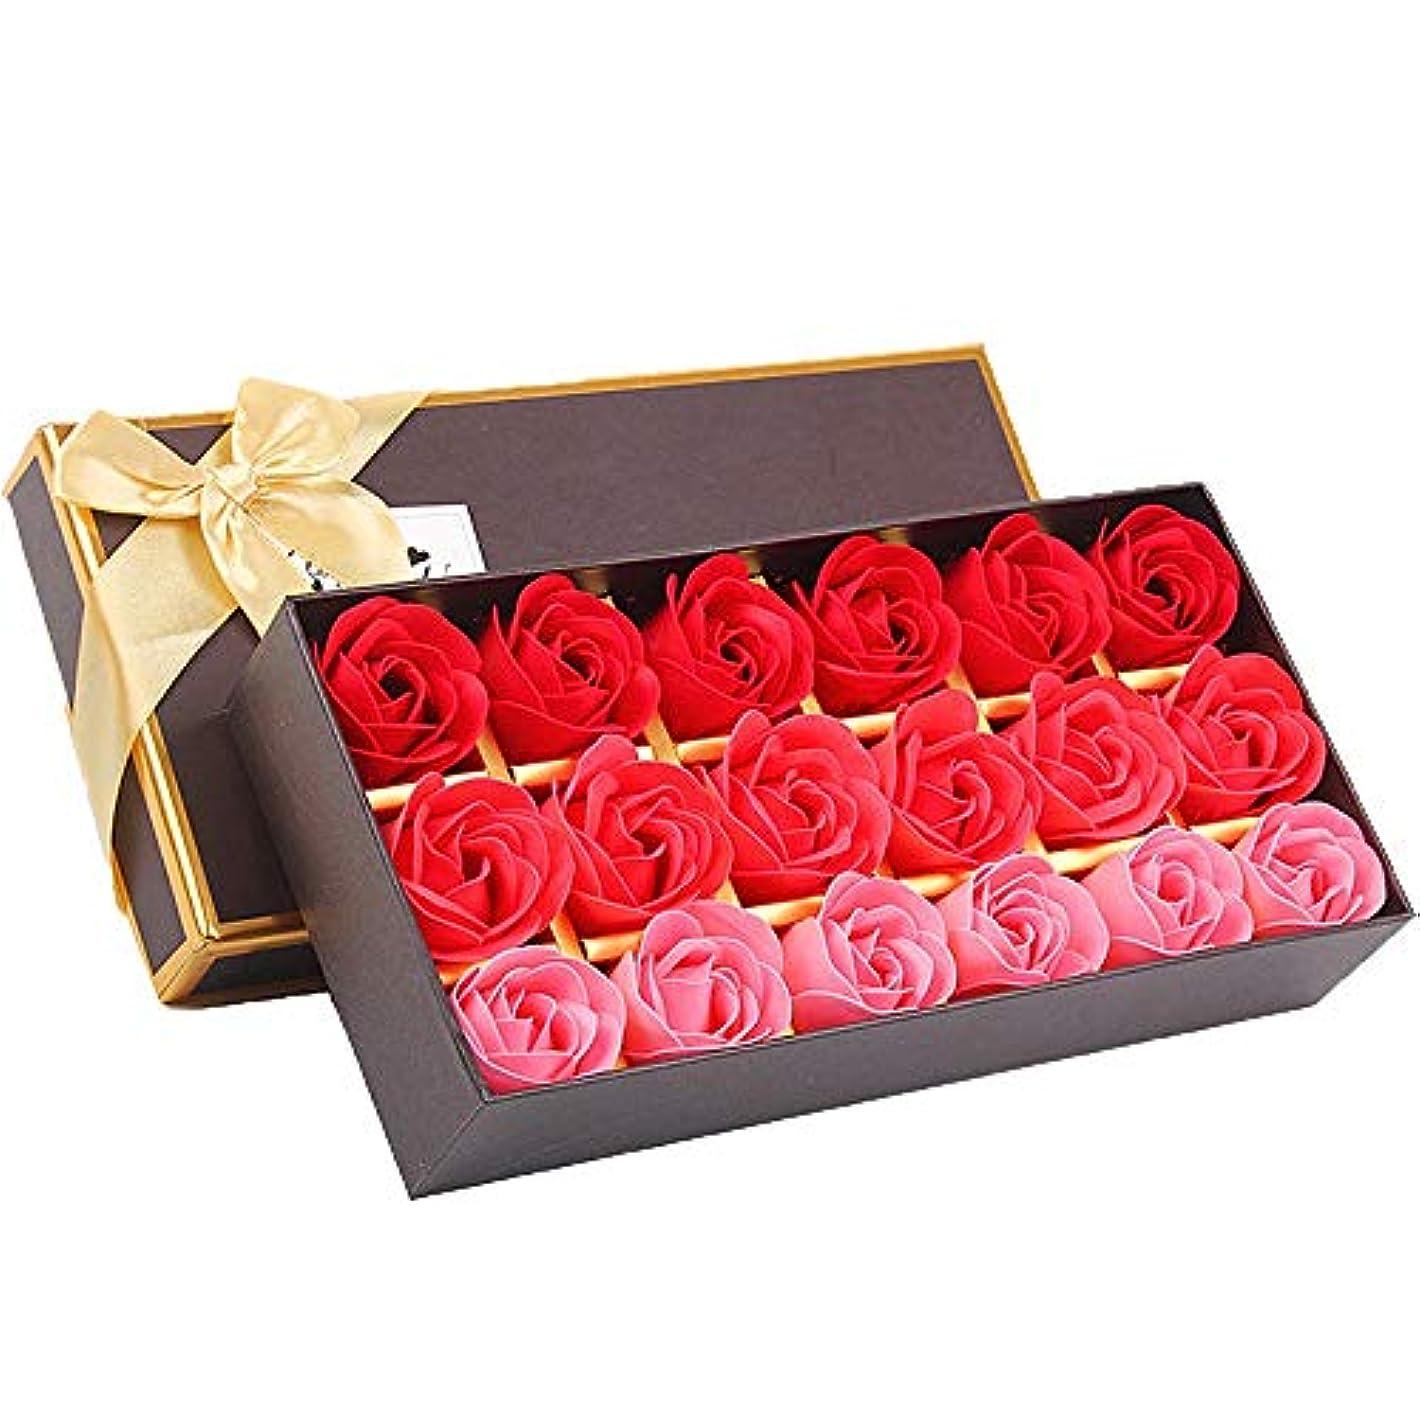 バトル食欲脱走18個の手作りのローズの香りのバスソープの花びら香りのバスソープは、ギフトボックスの花びらをバラ (色 : 赤)